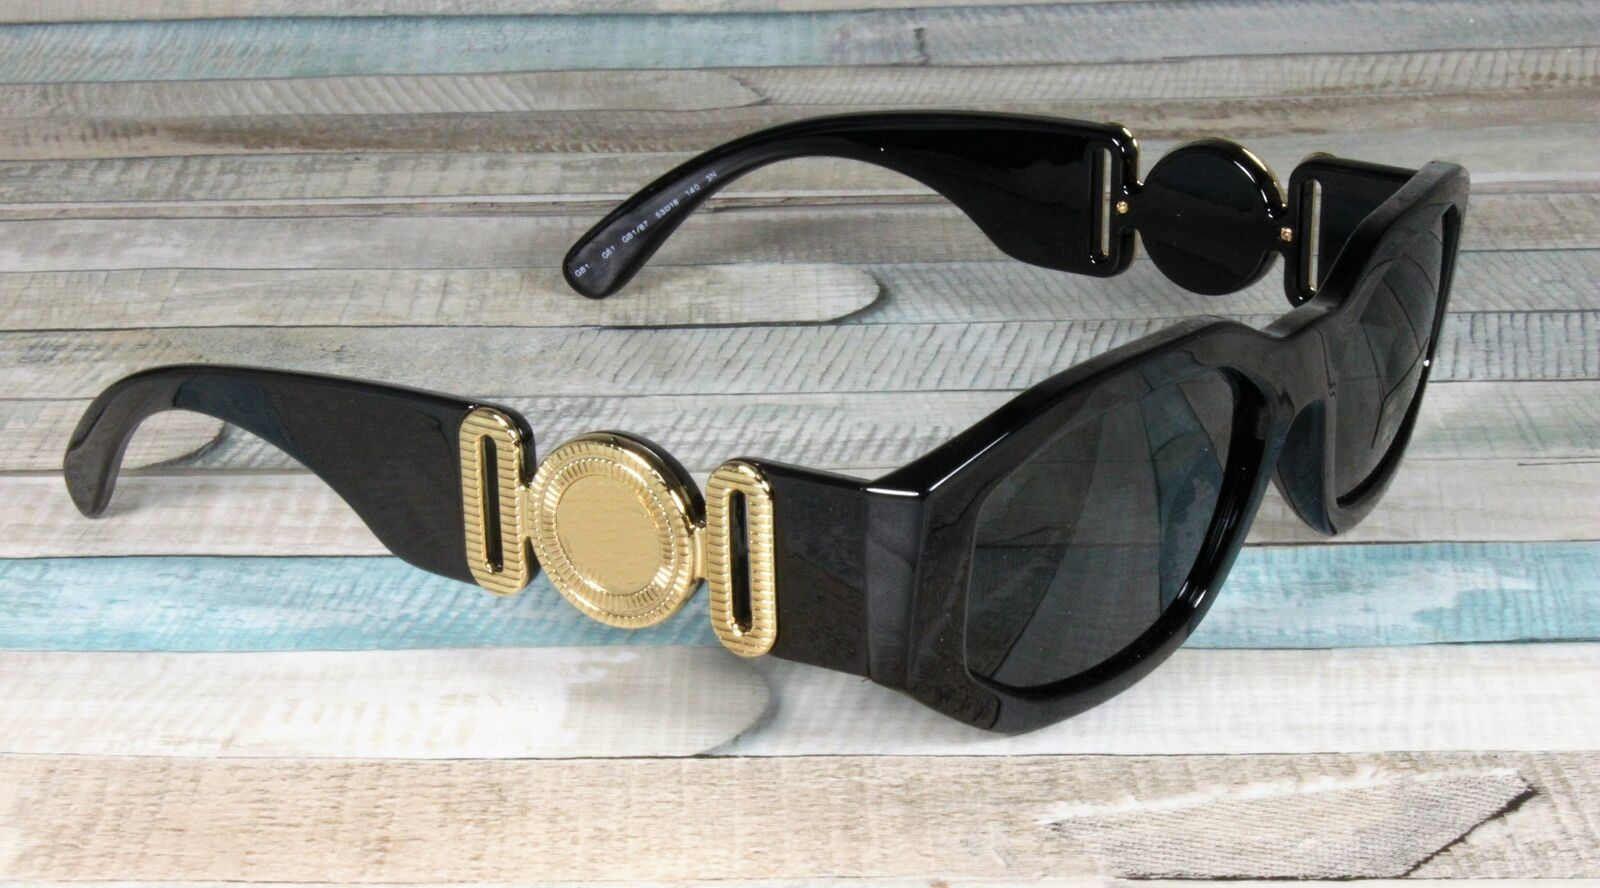 4361 GB1 / 87 Black / Gray Мужские солнцезащитные очки 53 мм Унисекс Cолнцезащитные очки Роскошные солнечные очки тавра для женщины мужские очки